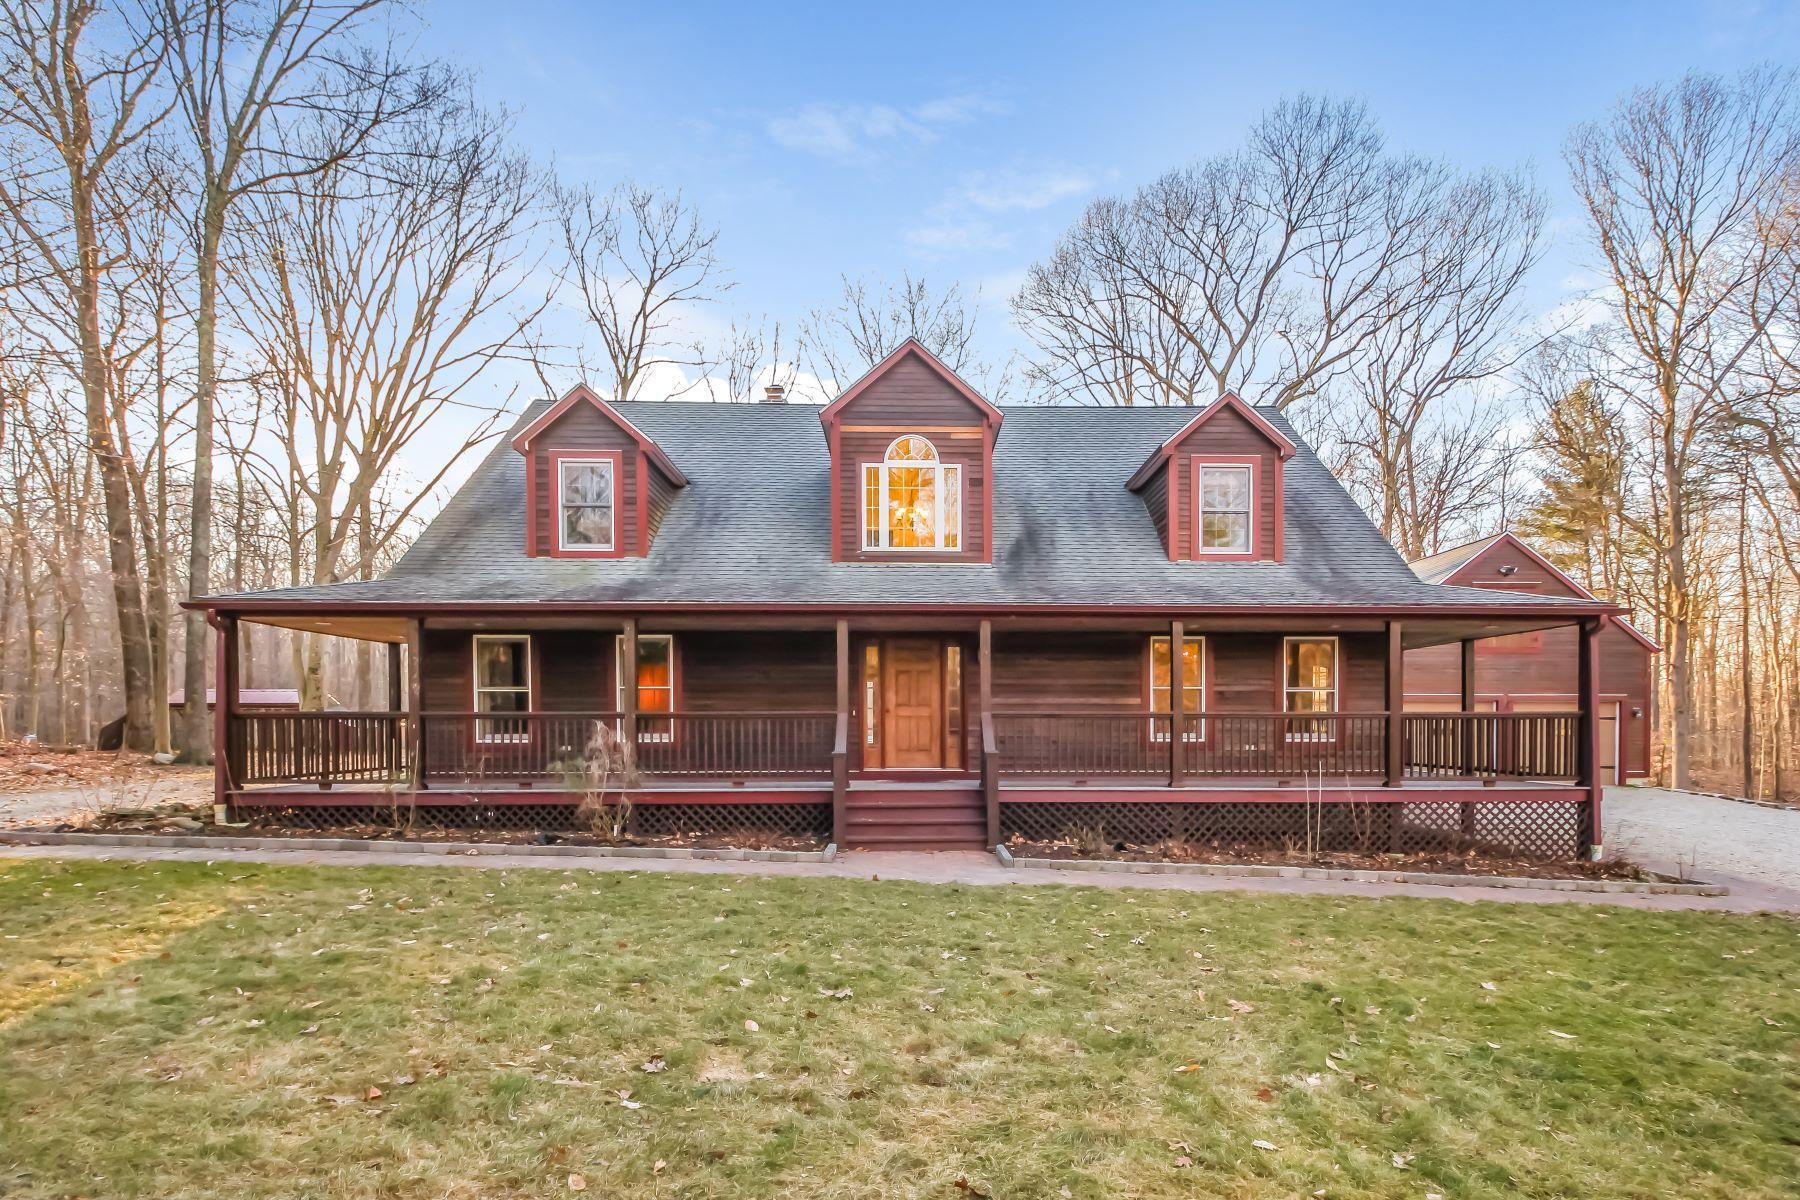 Casa Unifamiliar por un Venta en 15 Dudley Towne Road Killingworth, Connecticut, 06419 Estados Unidos